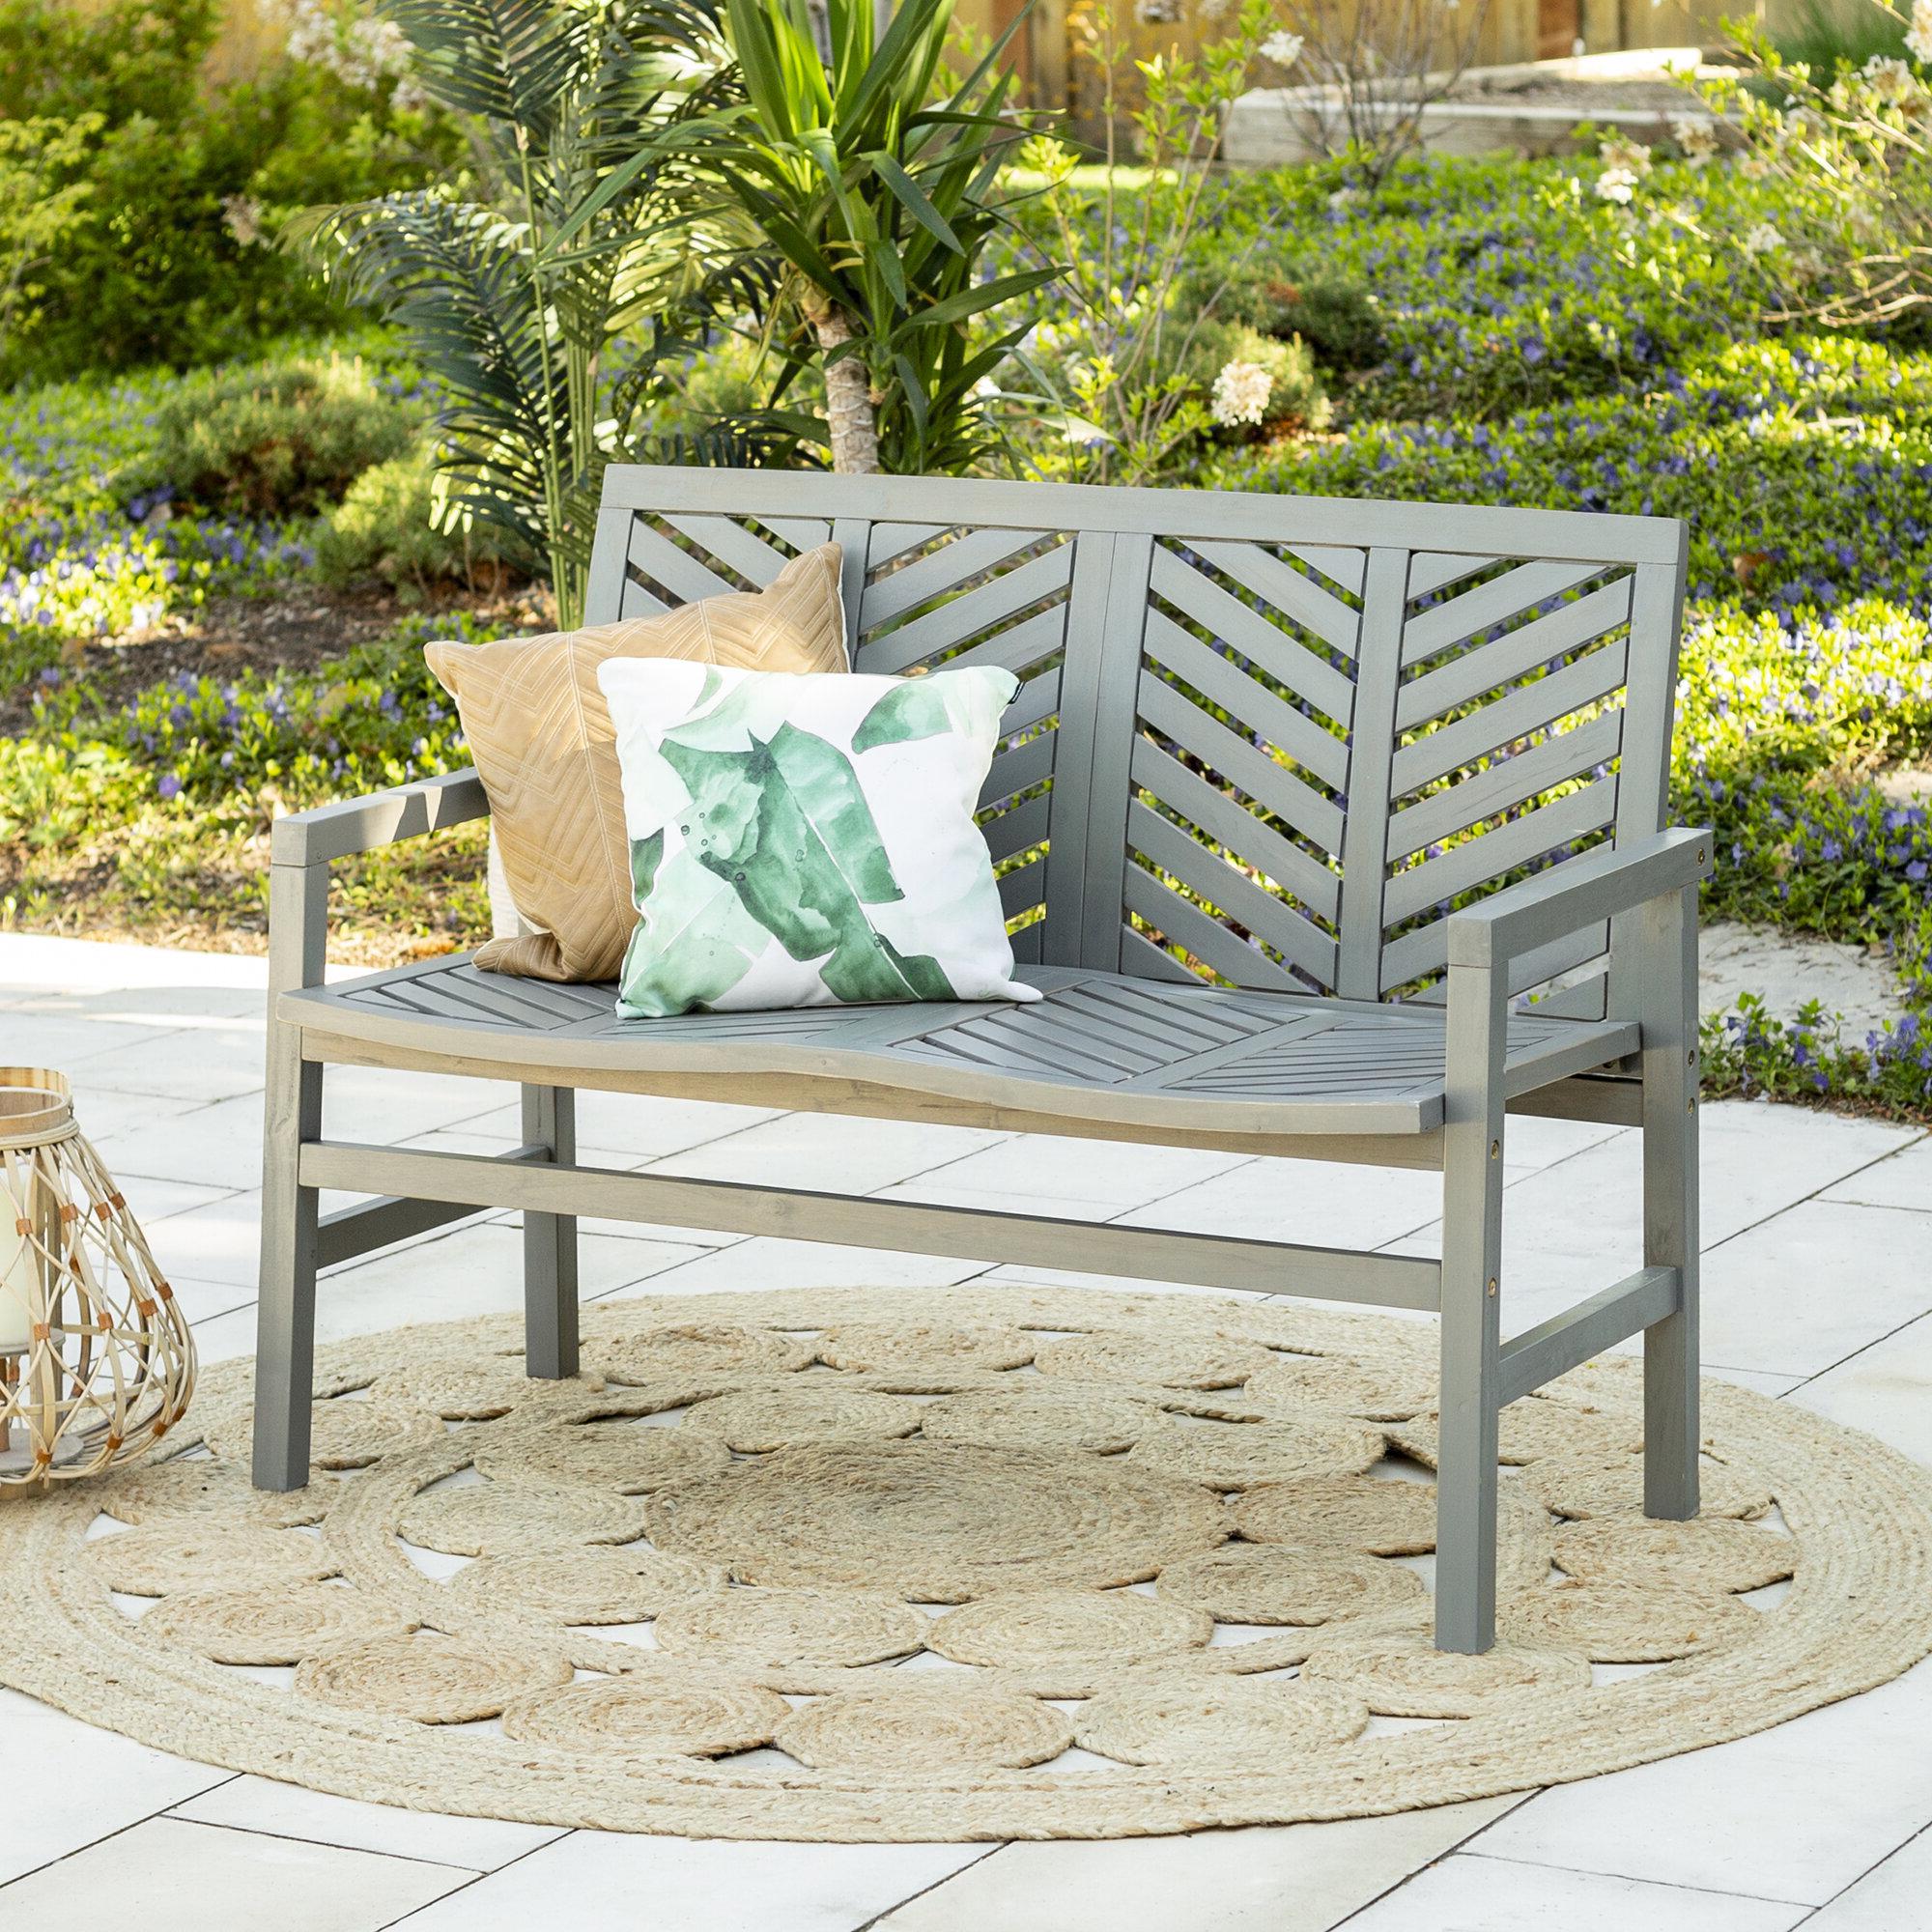 Skoog Chevron Wooden Garden Bench With Regard To 2019 Skoog Chevron Wooden Garden Benches (View 3 of 30)